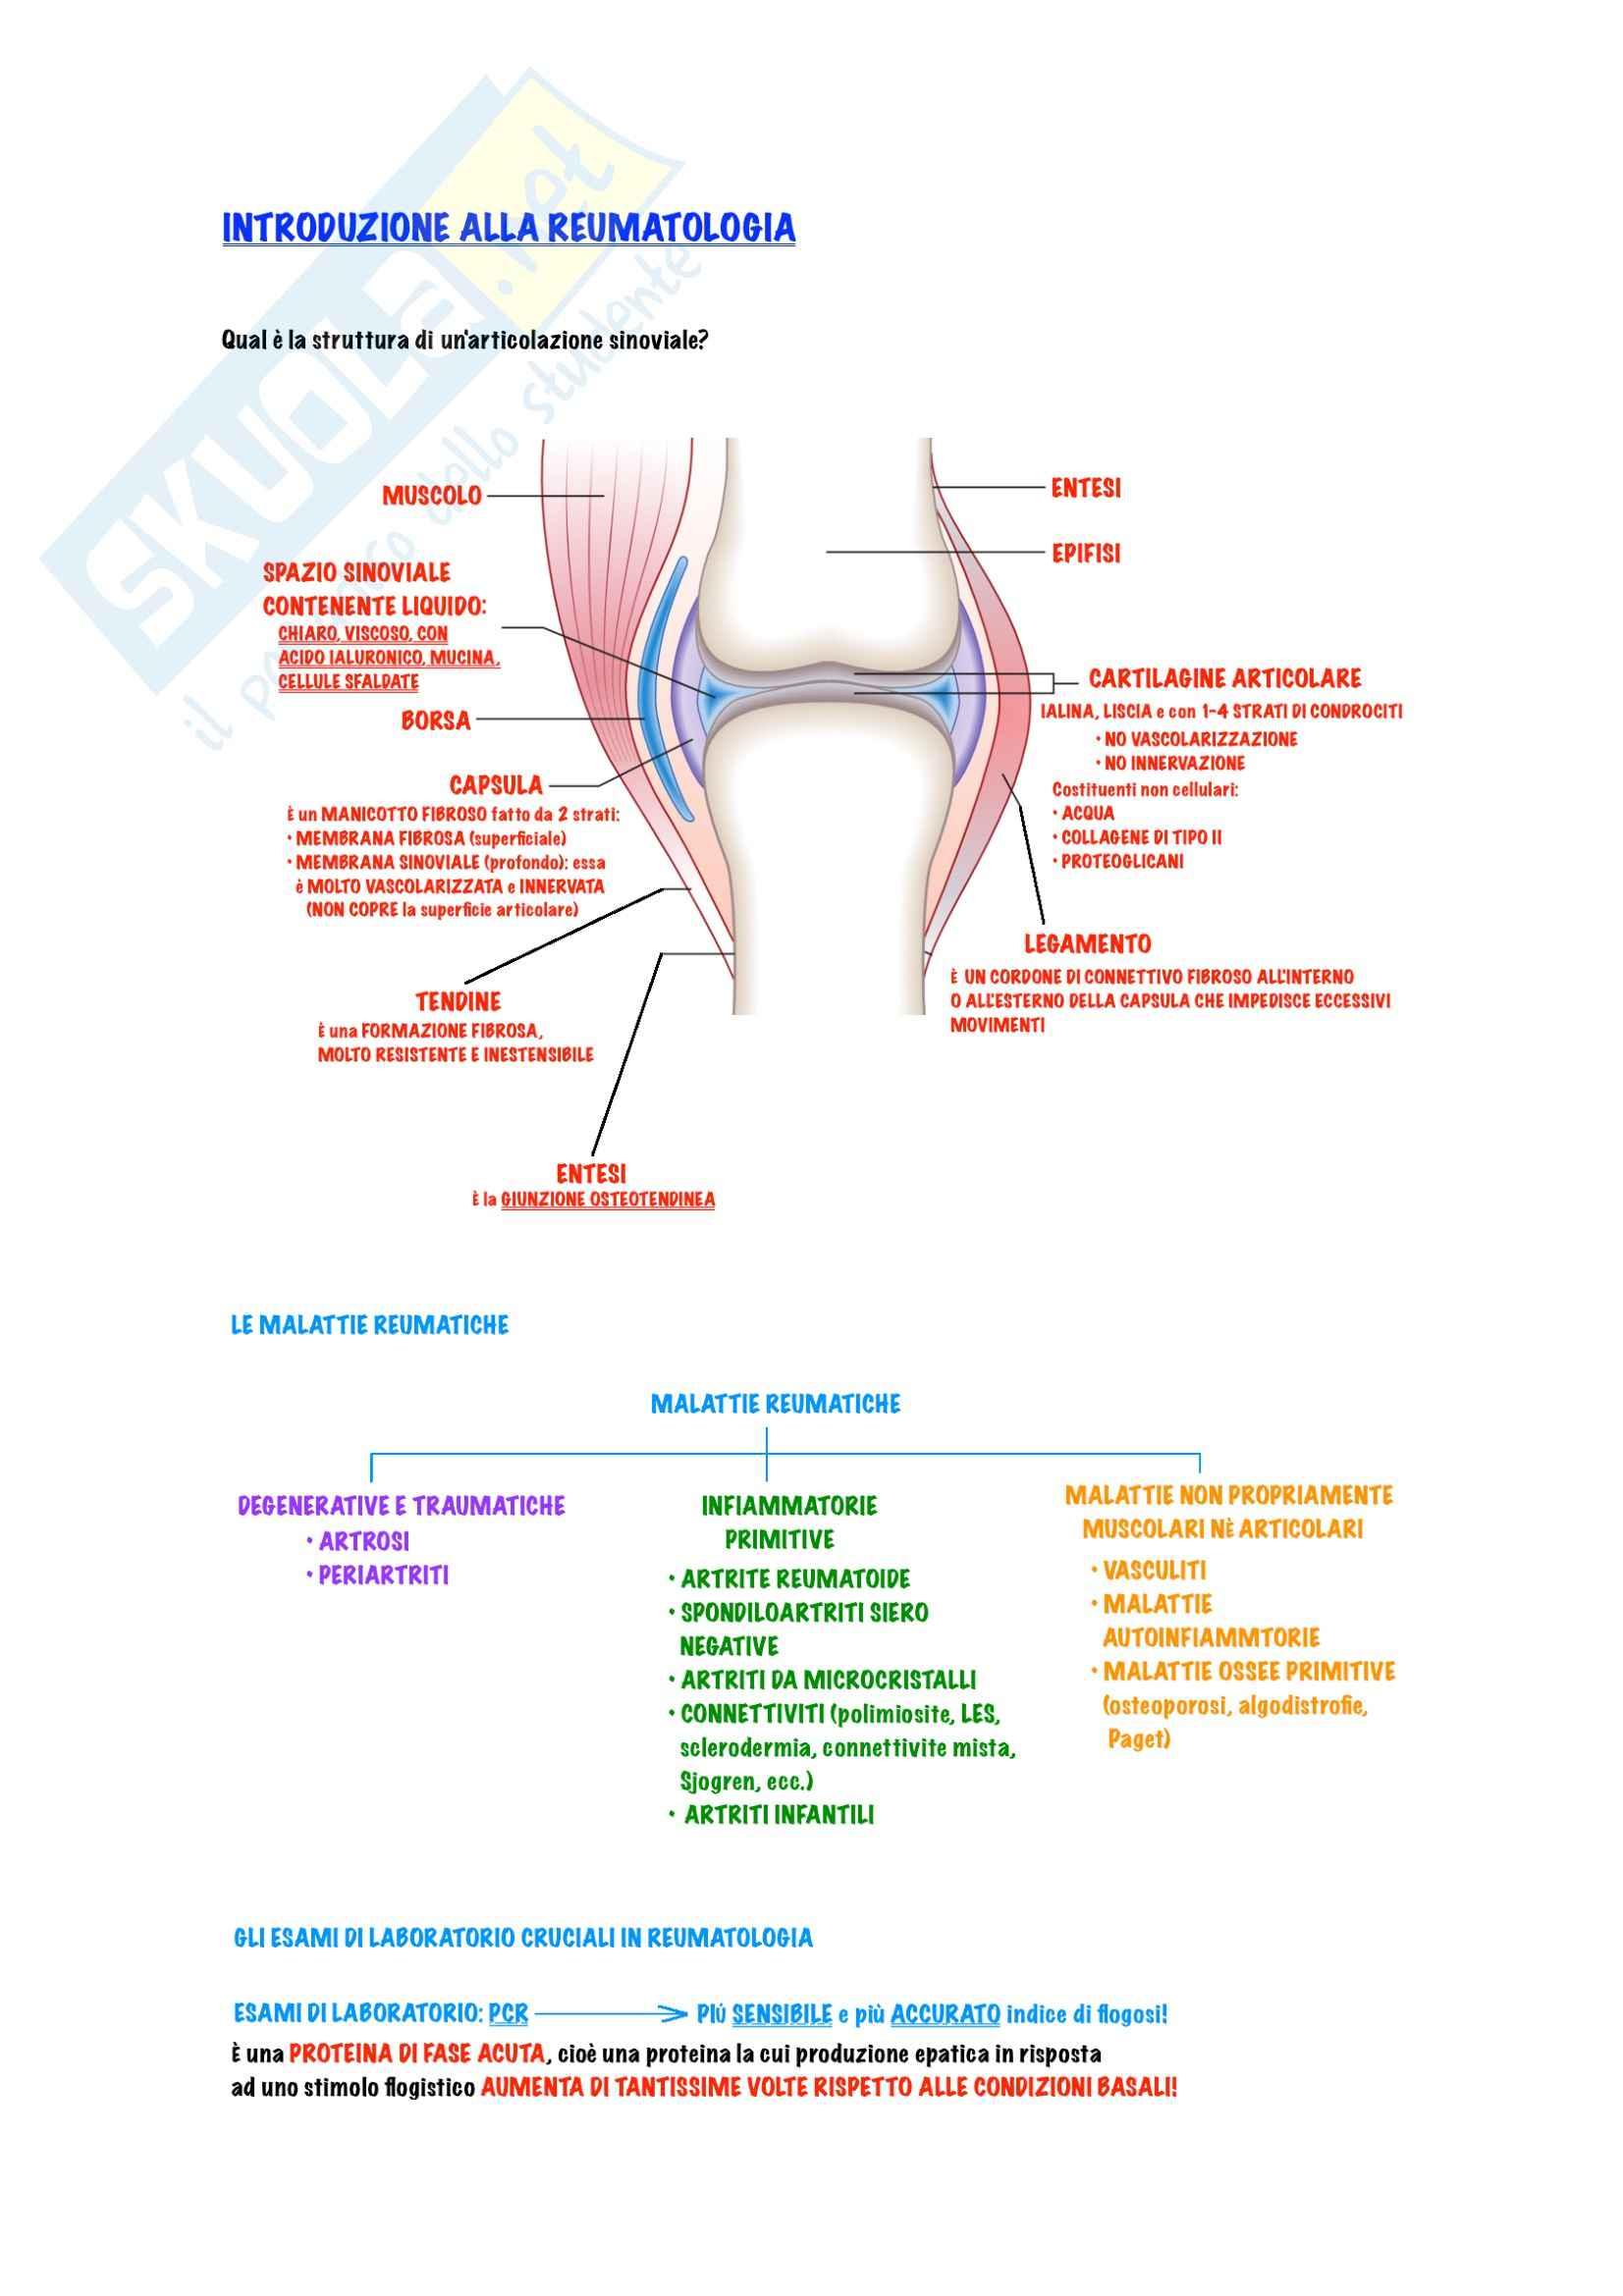 Reumatologia - Introduzione, artrite reumatoide e lupus